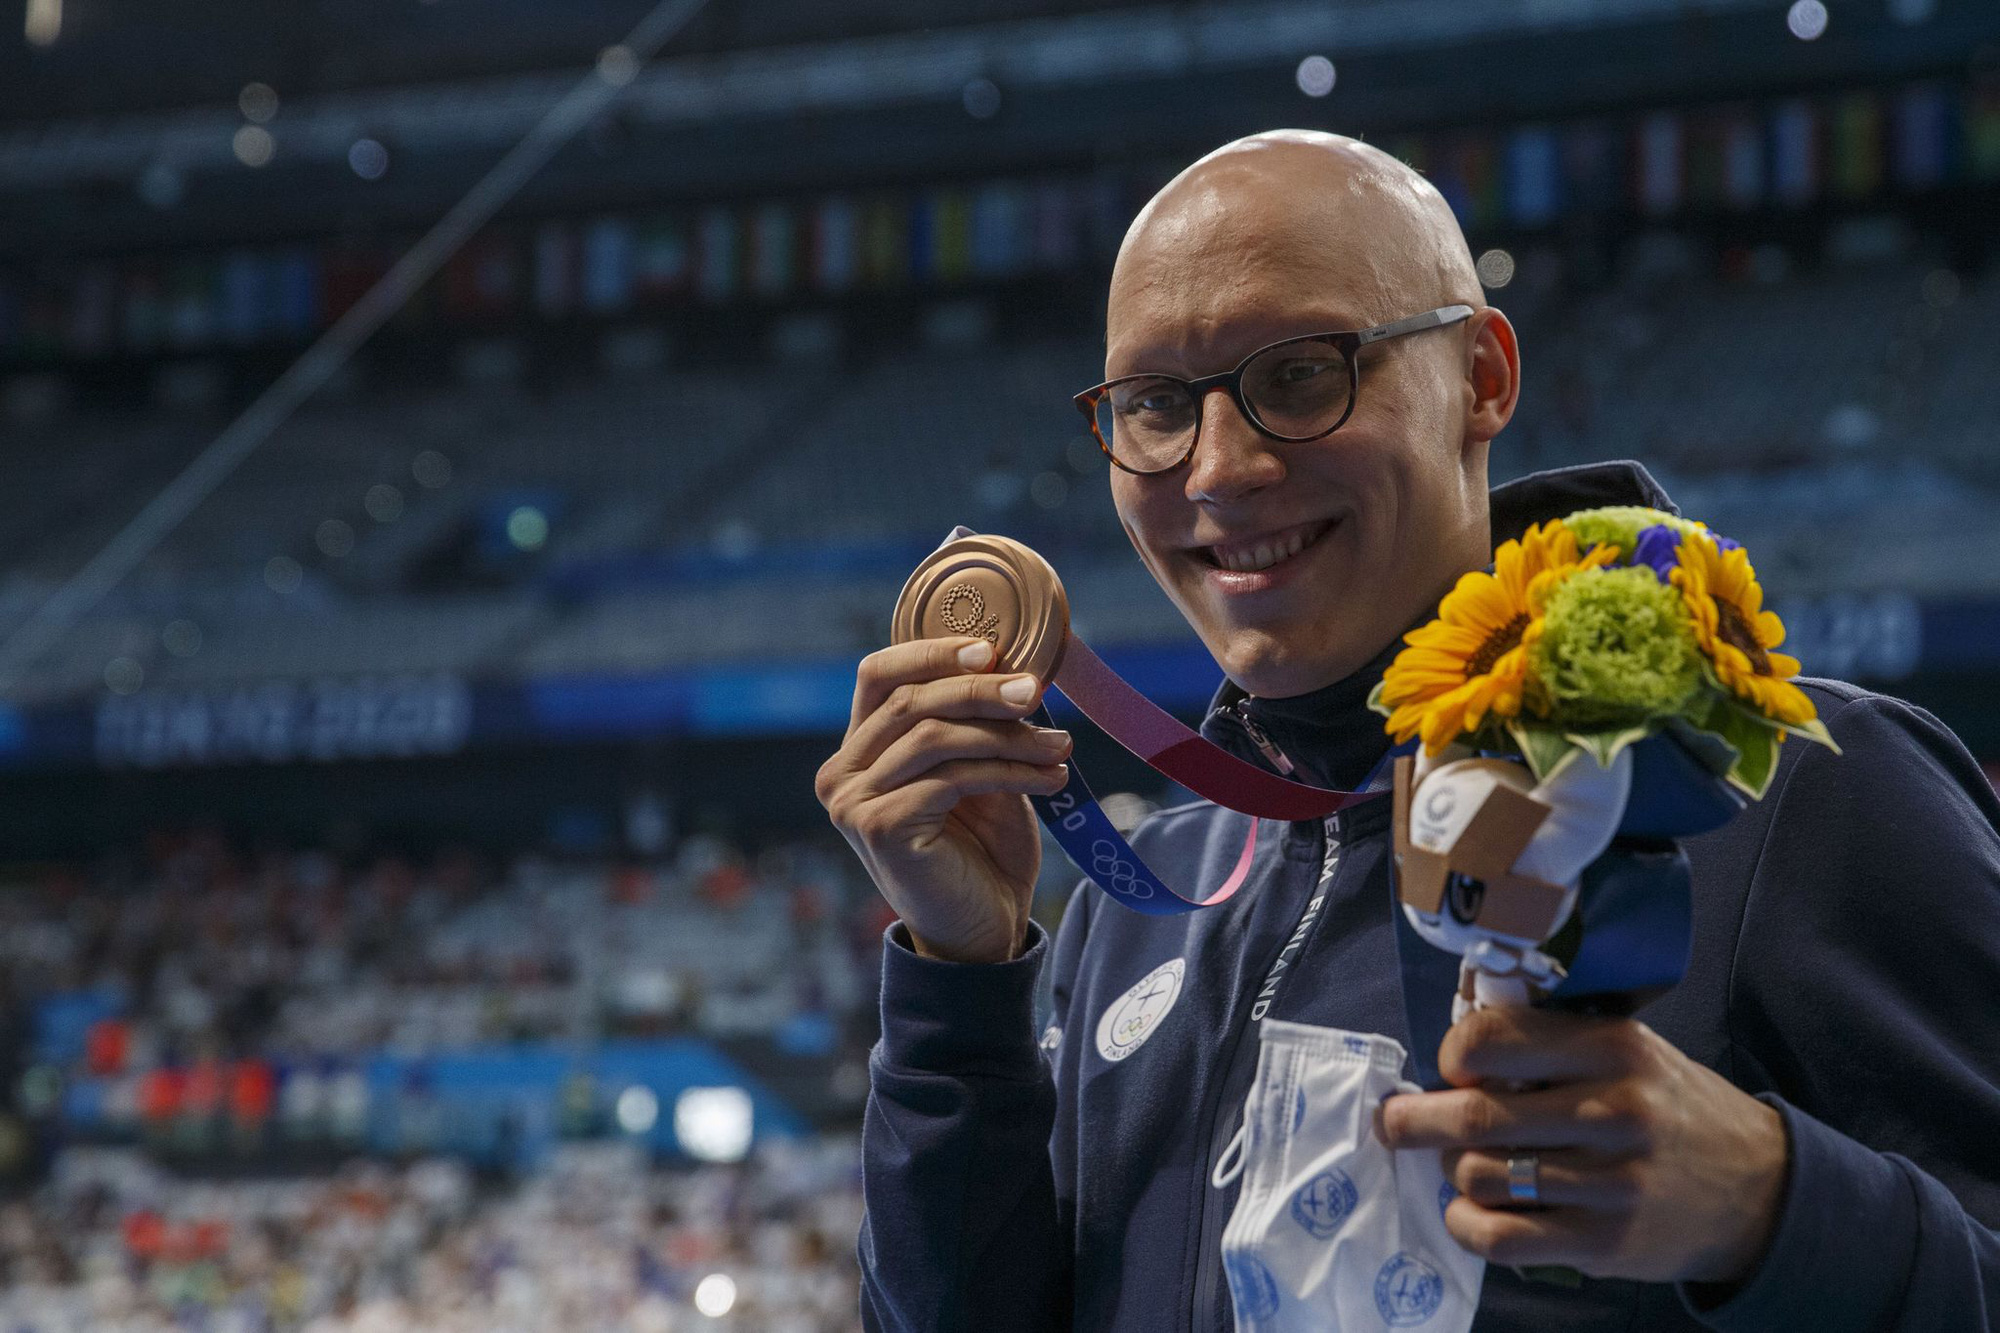 Tấm huy chương Olympic sau 101 năm và câu chuyện truyền cảm hứng của VĐV mắc bệnh hiếm khiến đầu trọc lốc - ảnh 4